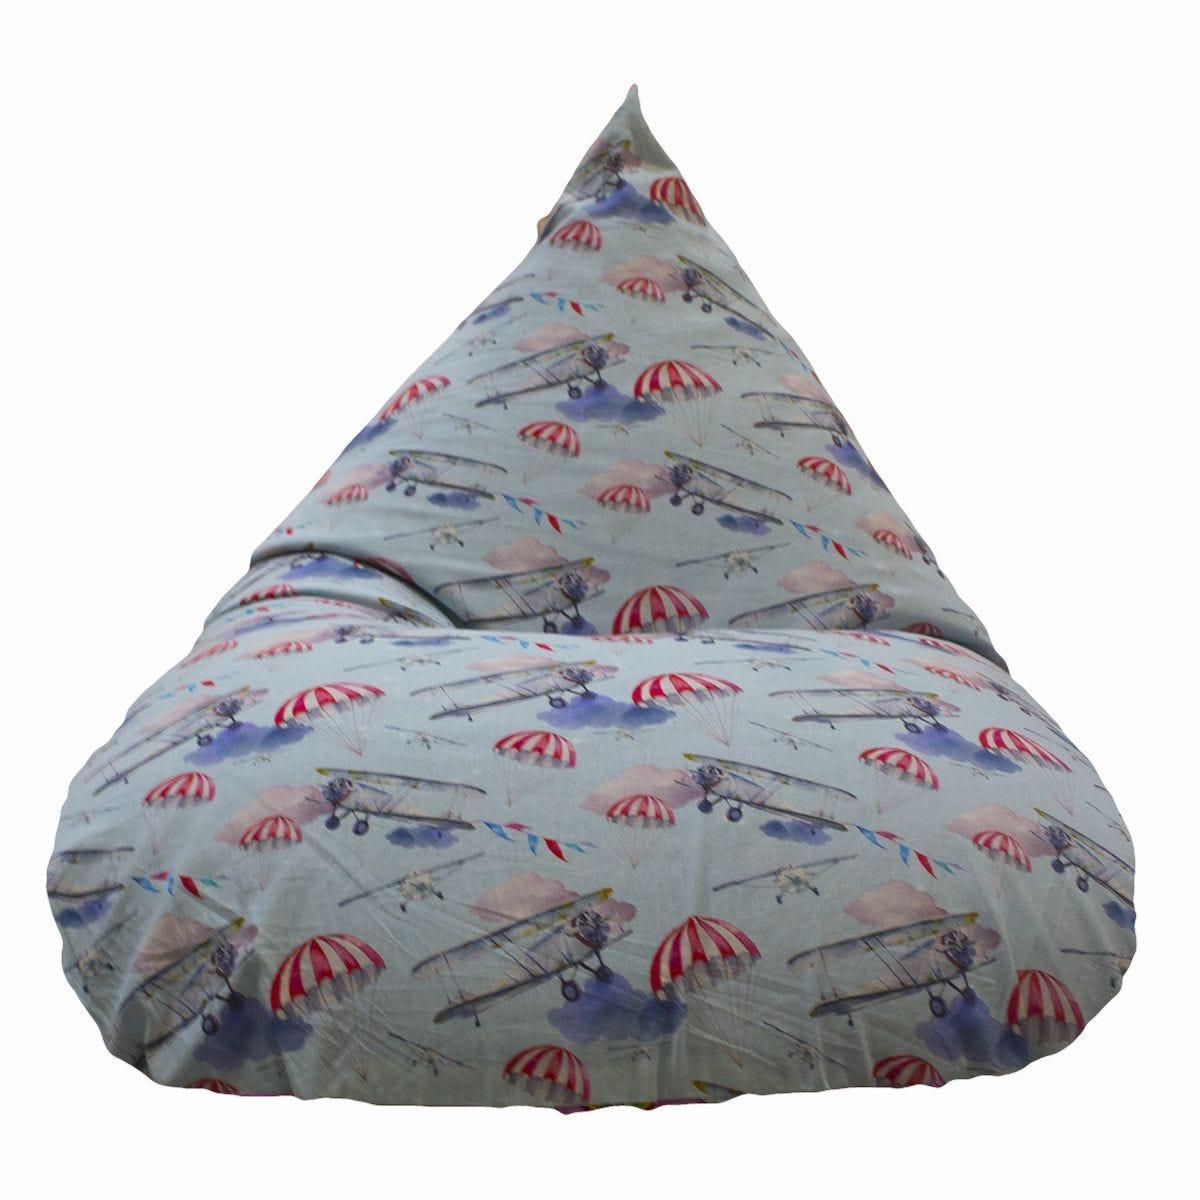 Cuddle Bed Large Aeroplane Bean Bag - Blue